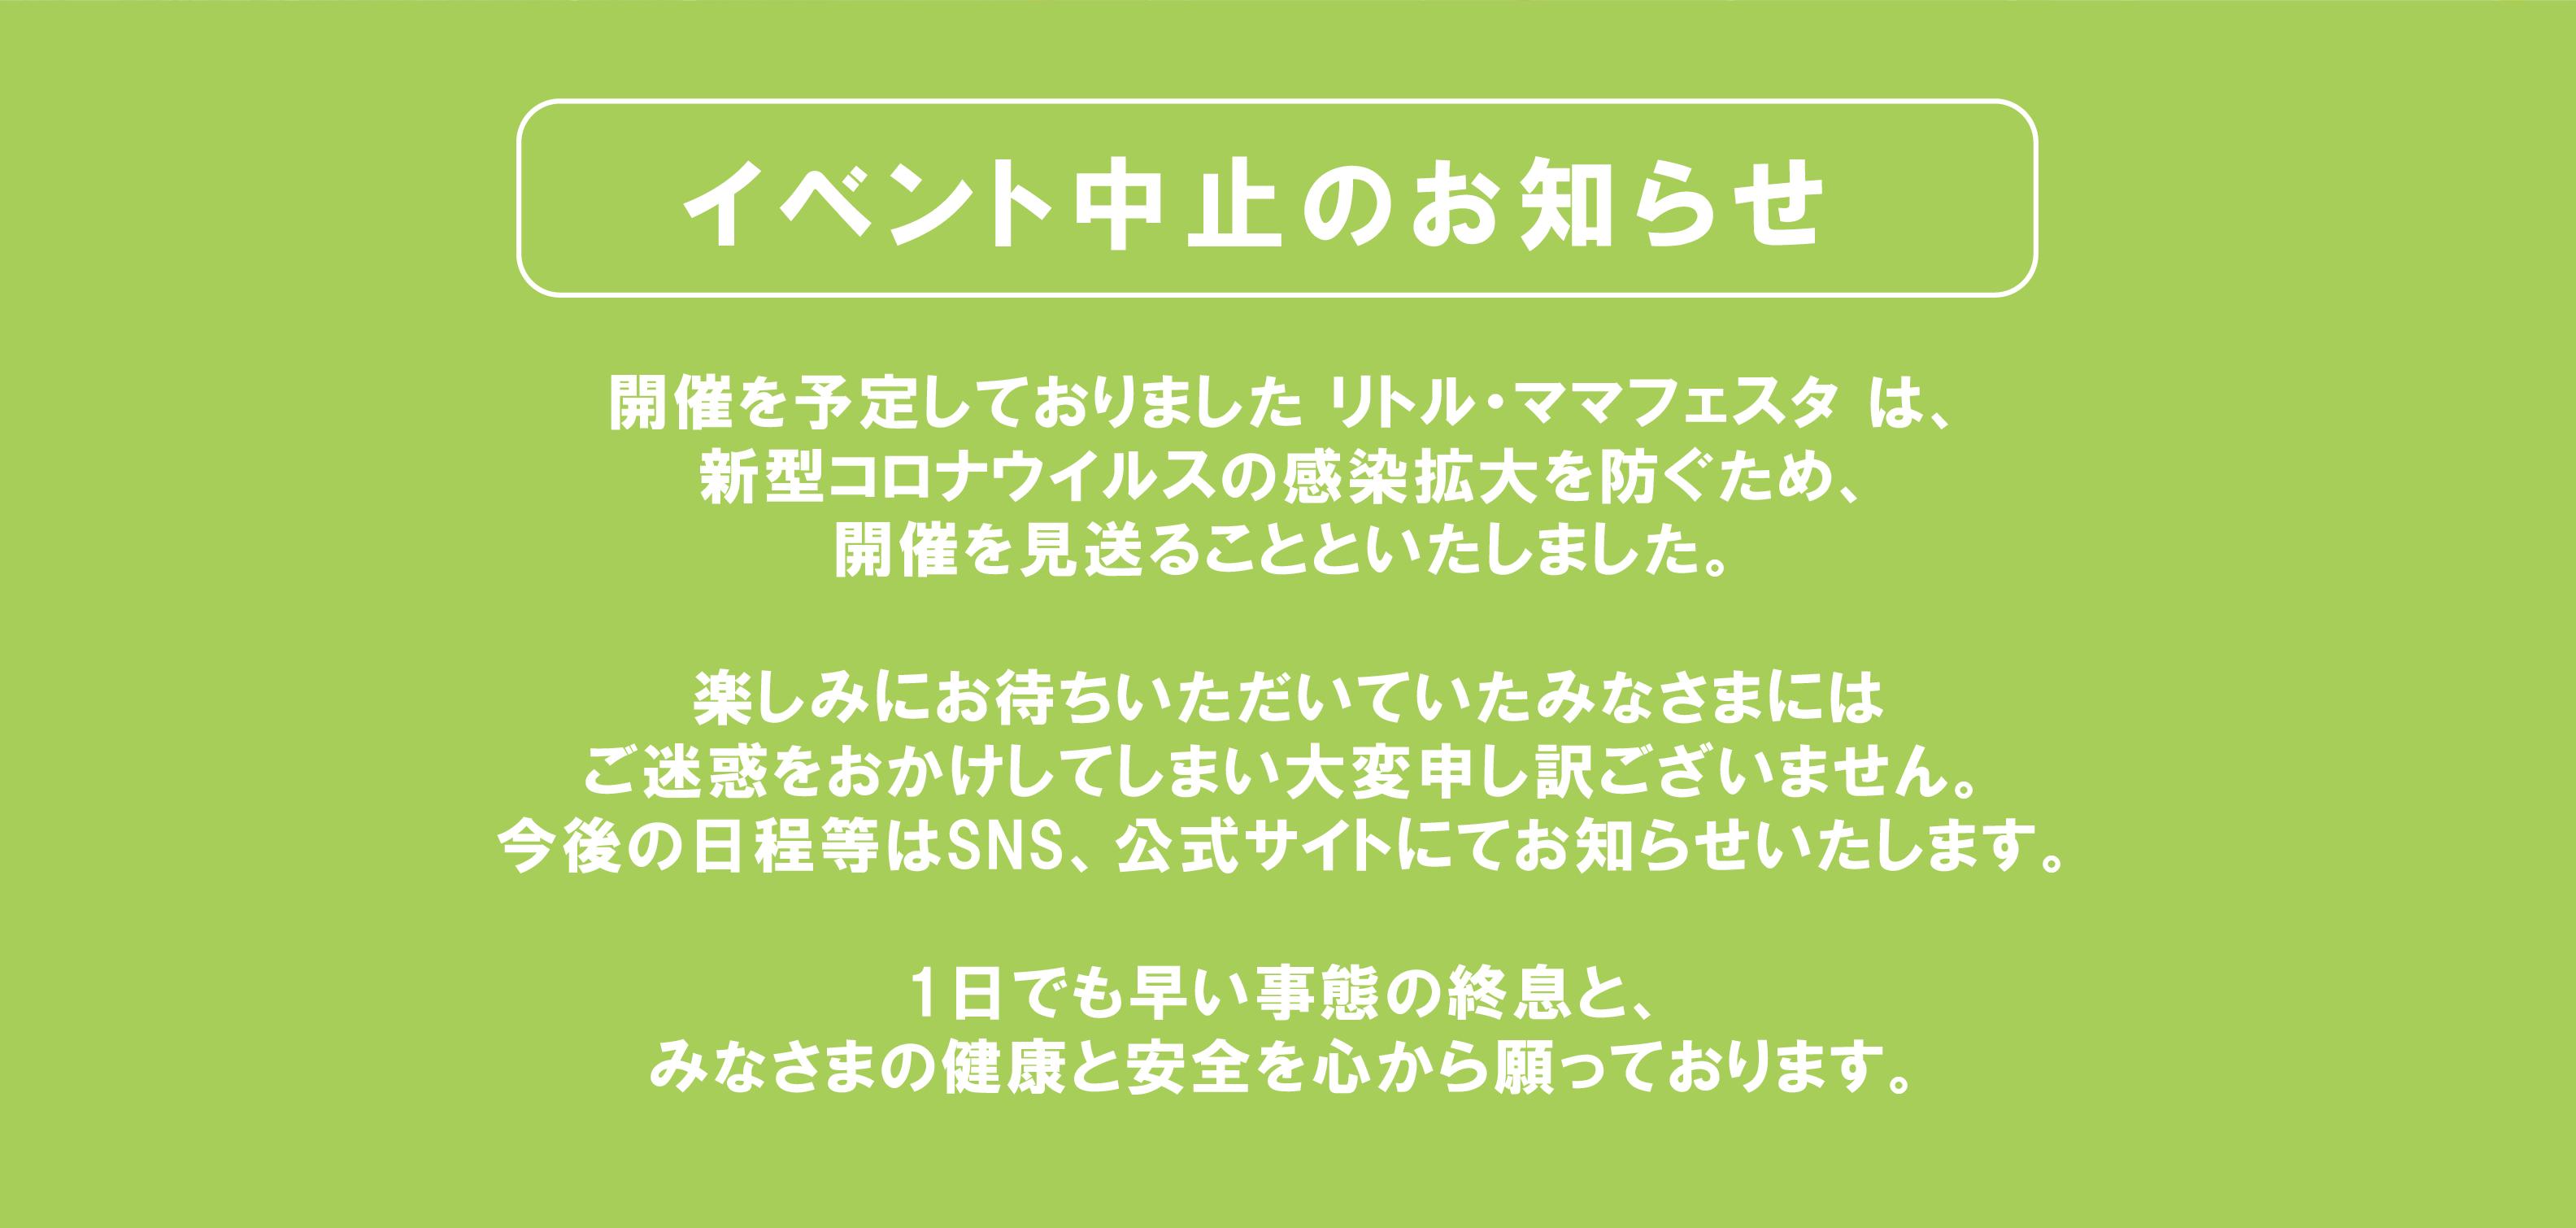 リトル・ママフェスタ仙台2020Apr